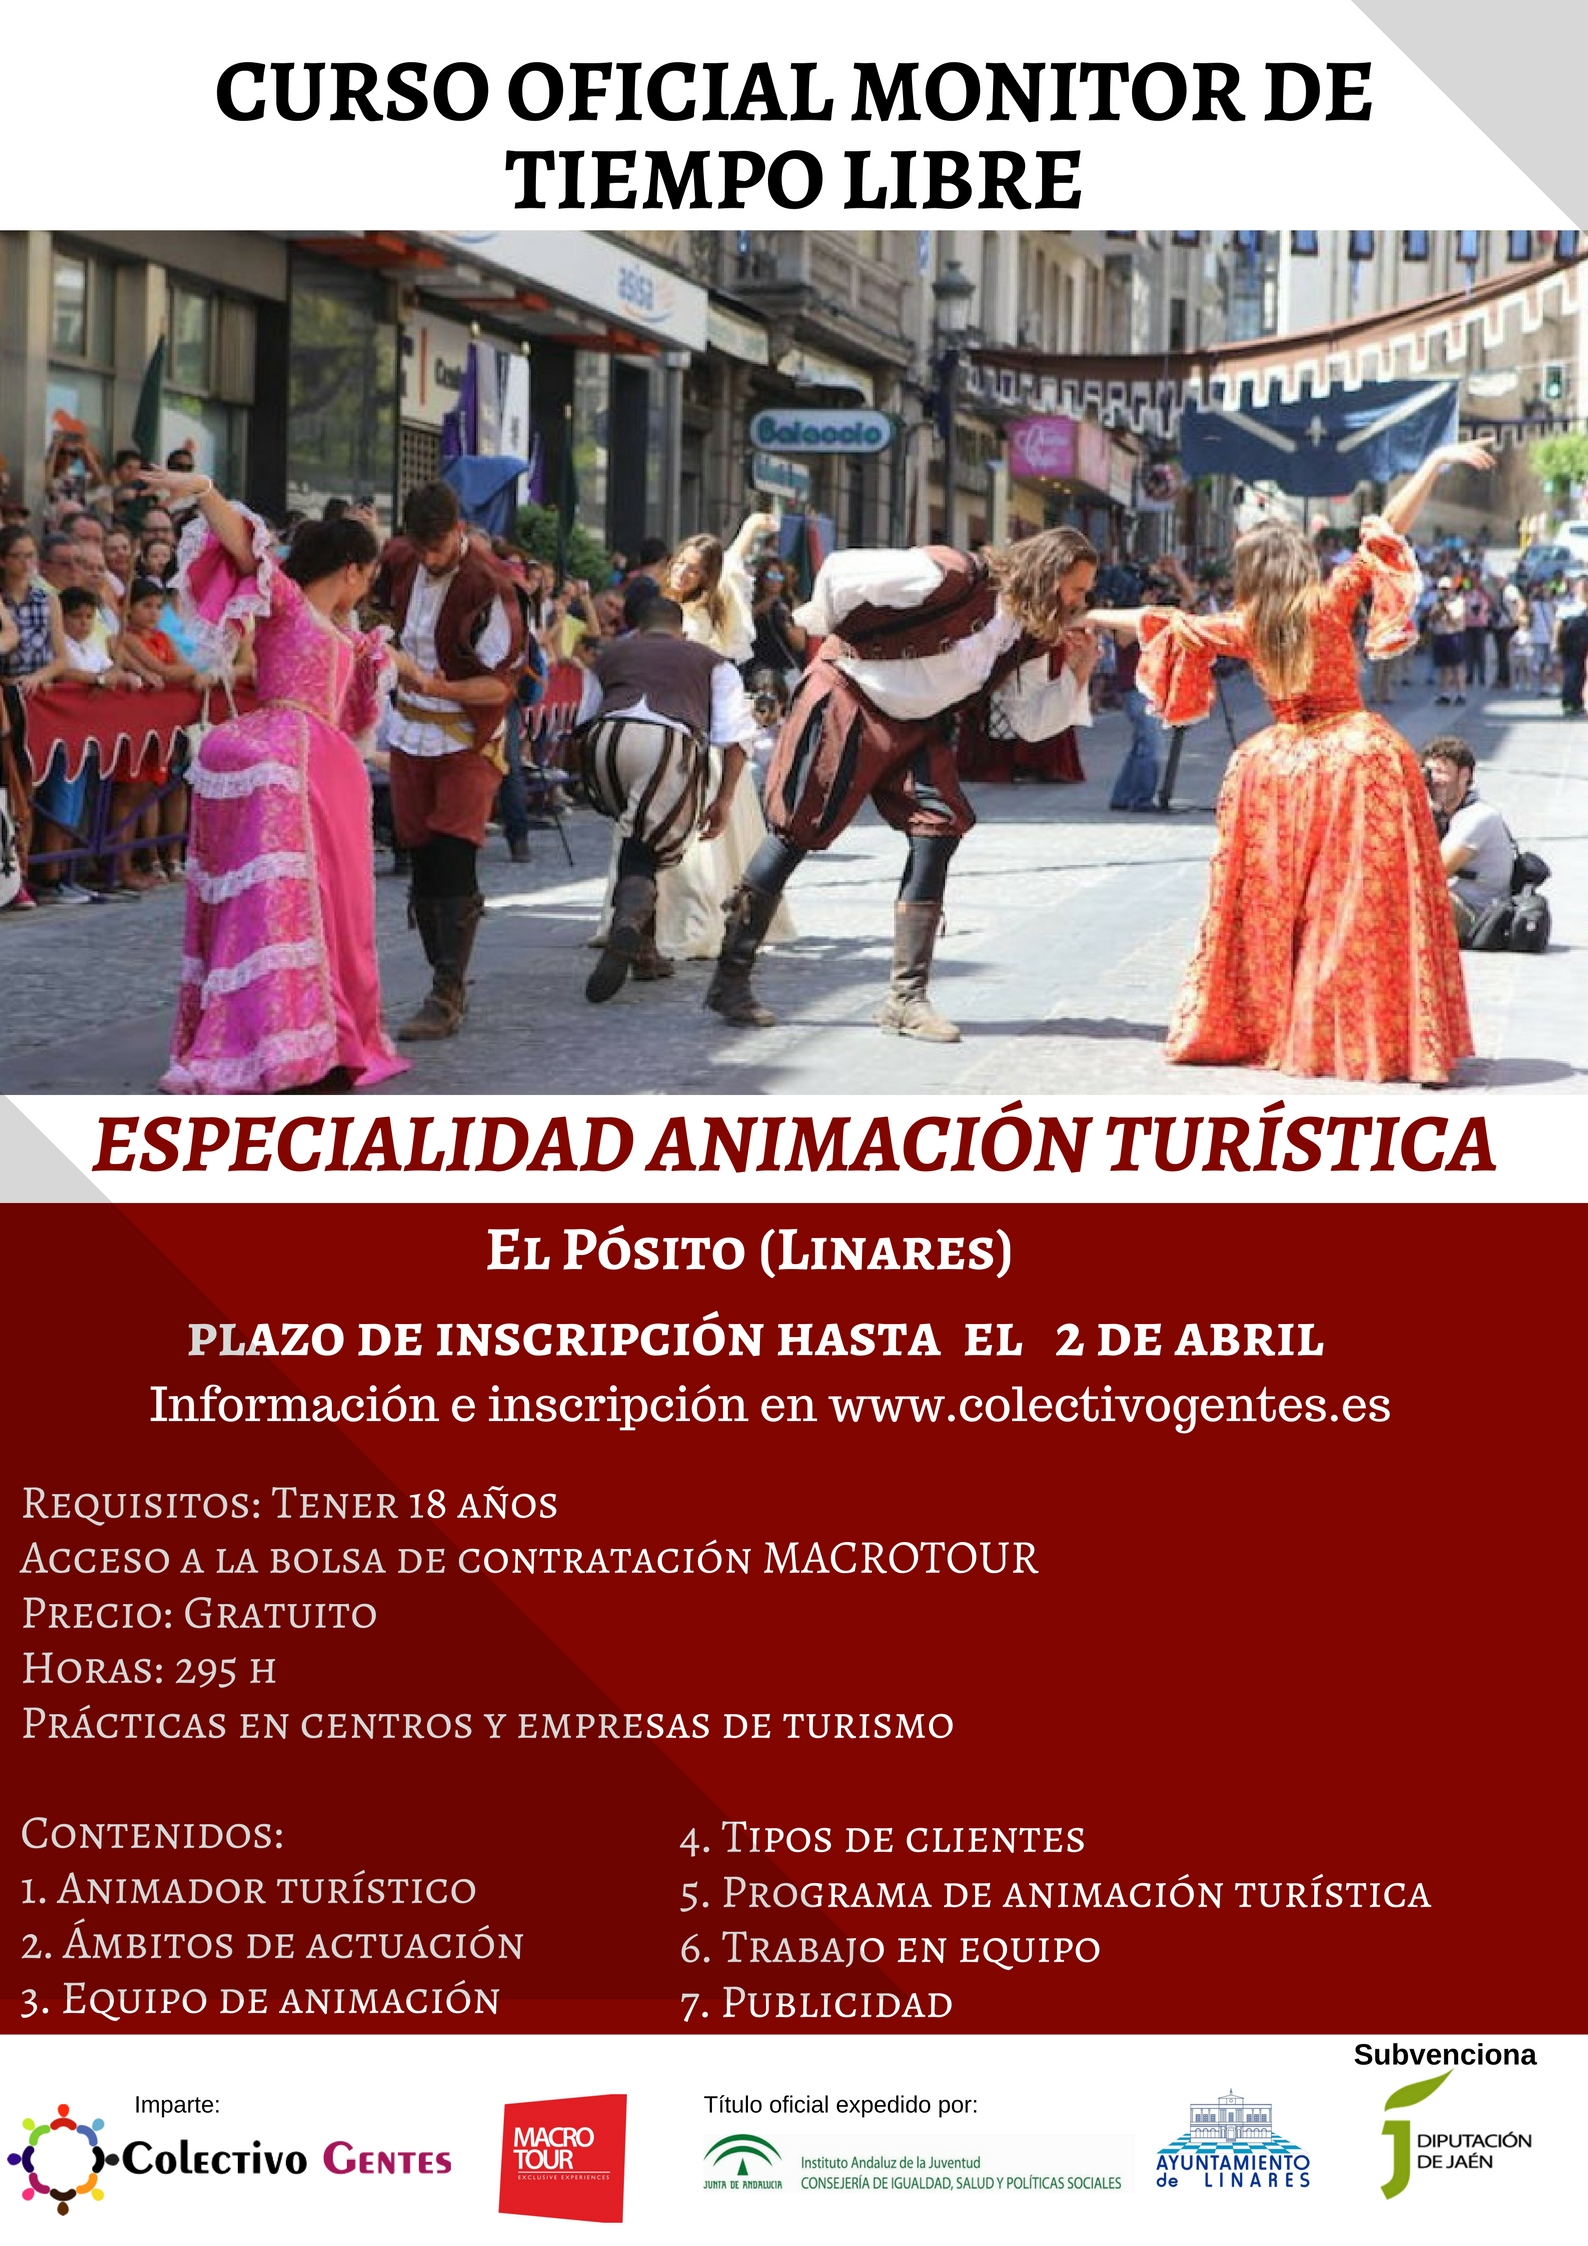 Curso Monitor/a de Tiempo Libre (Animación Turística) en Linares